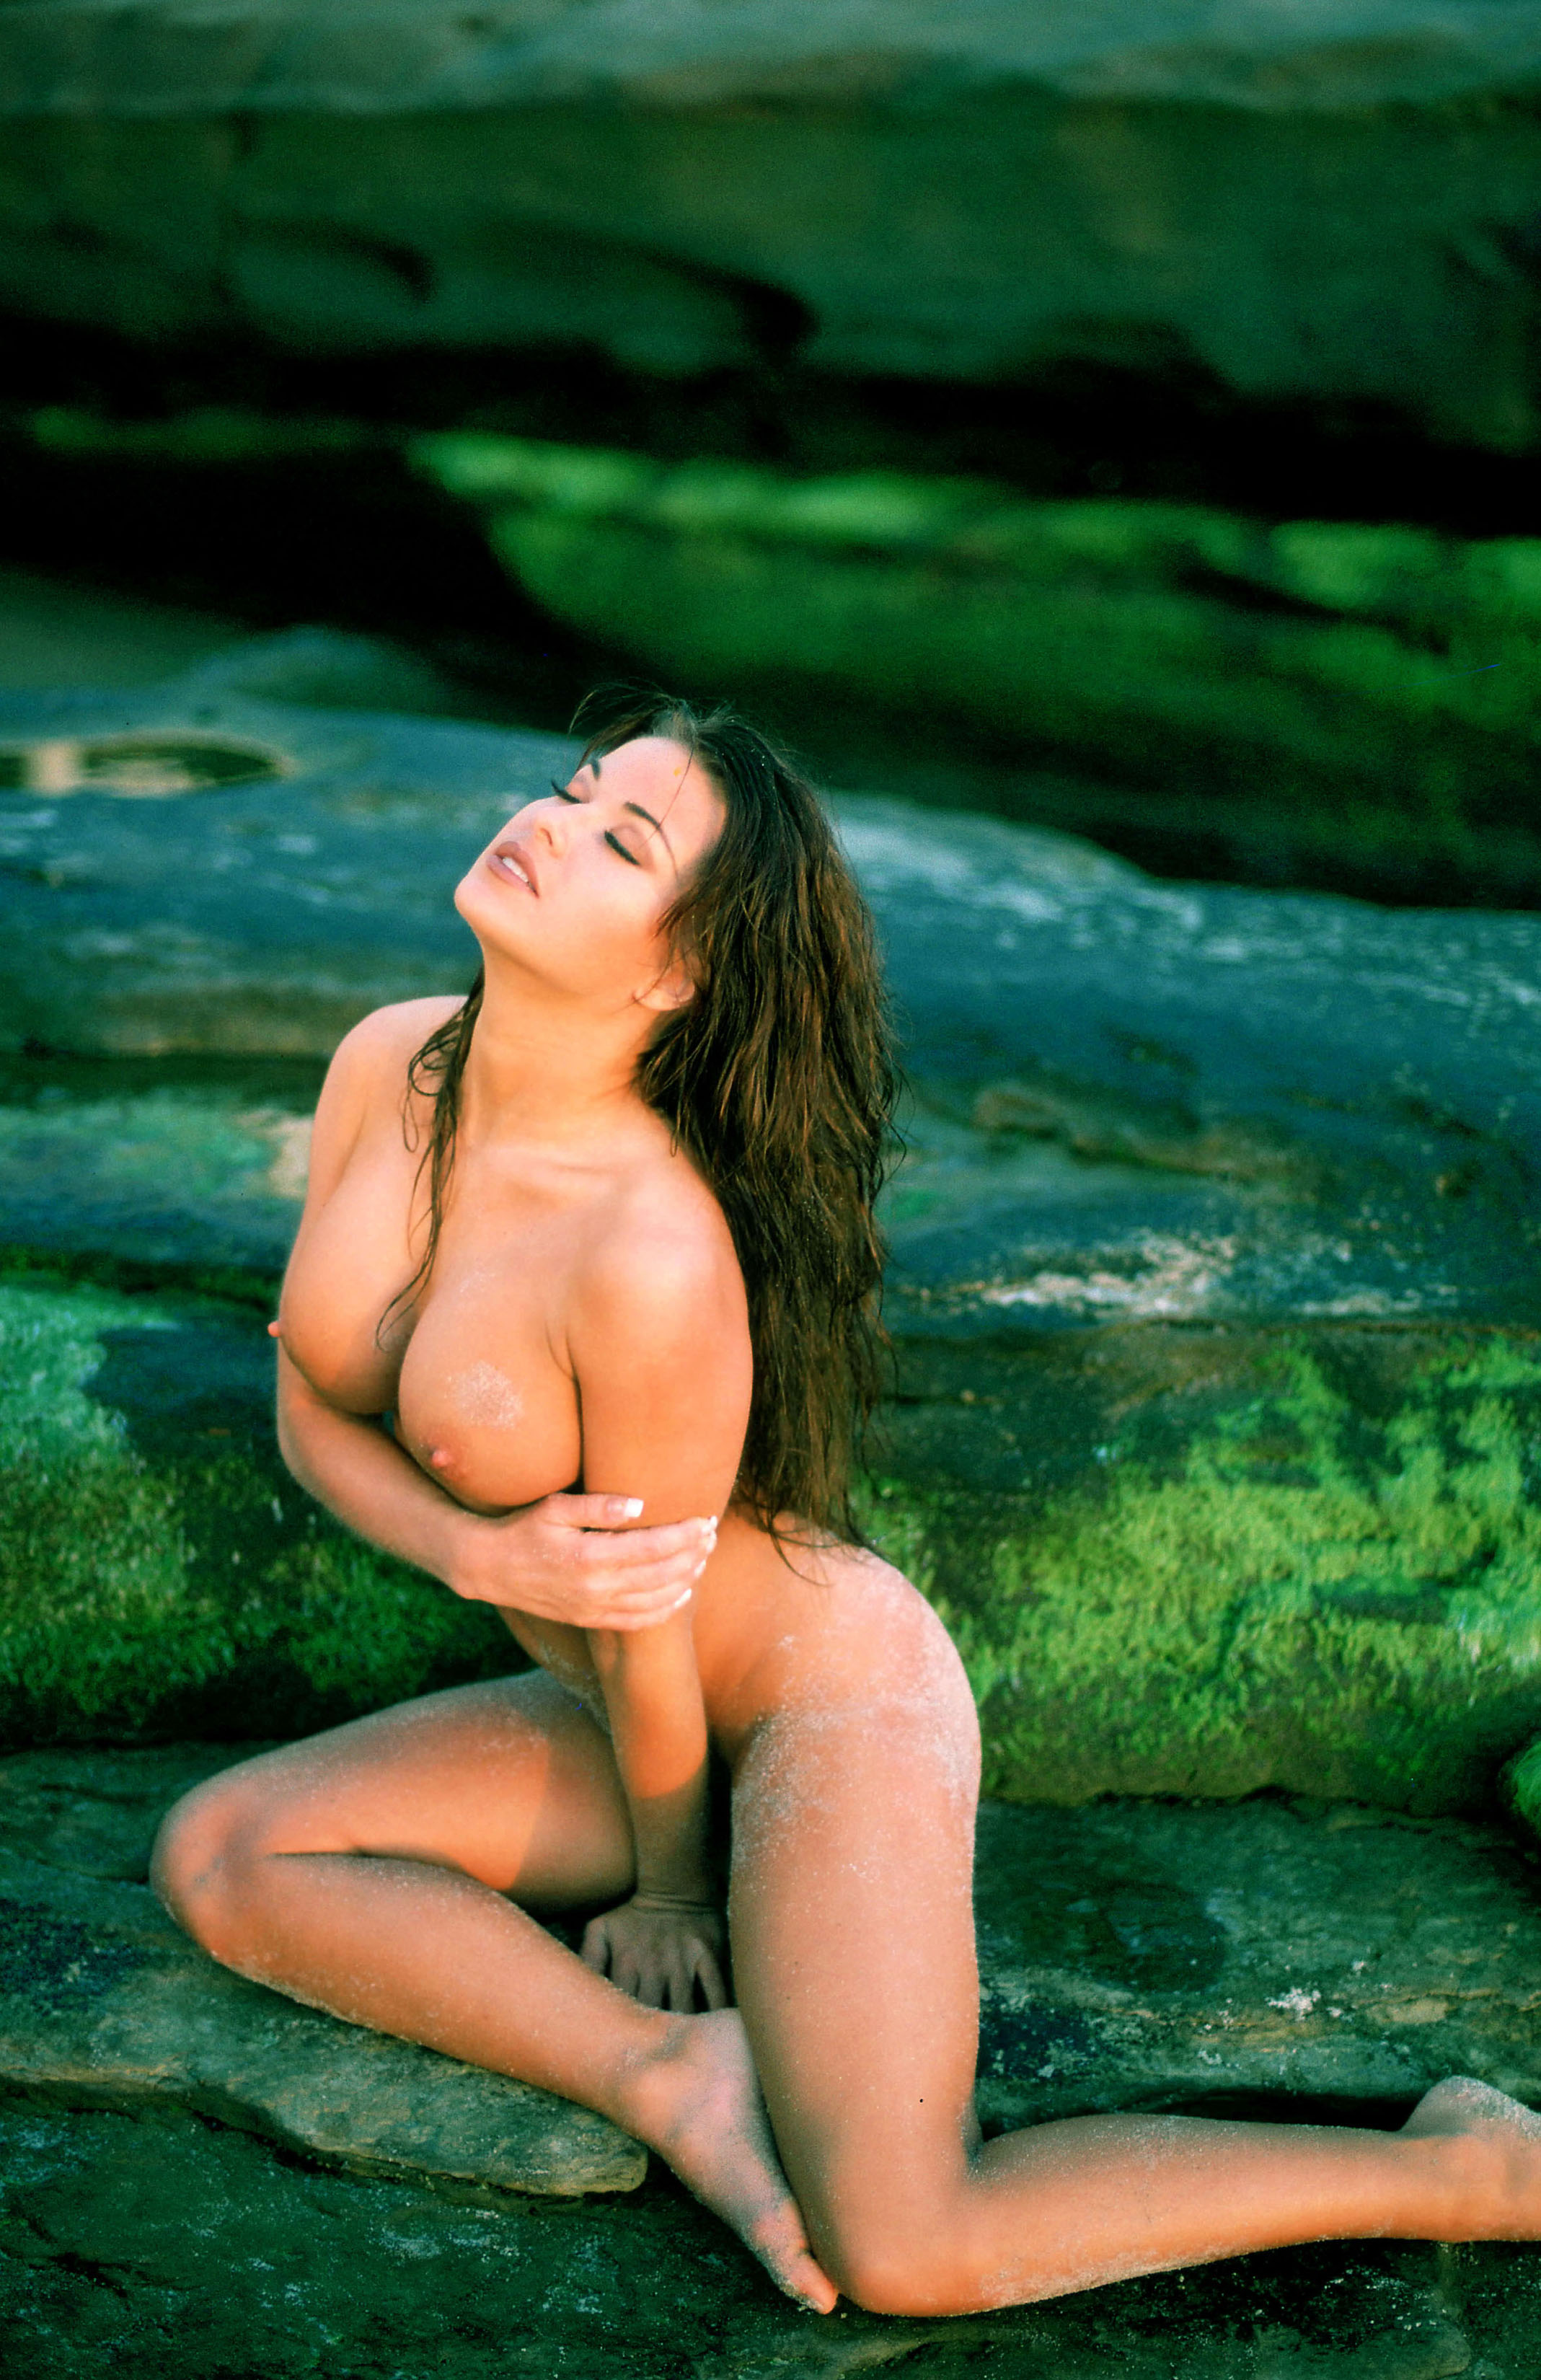 Посмотреть порно с кармен электра онлайн бесплатно 27 фотография